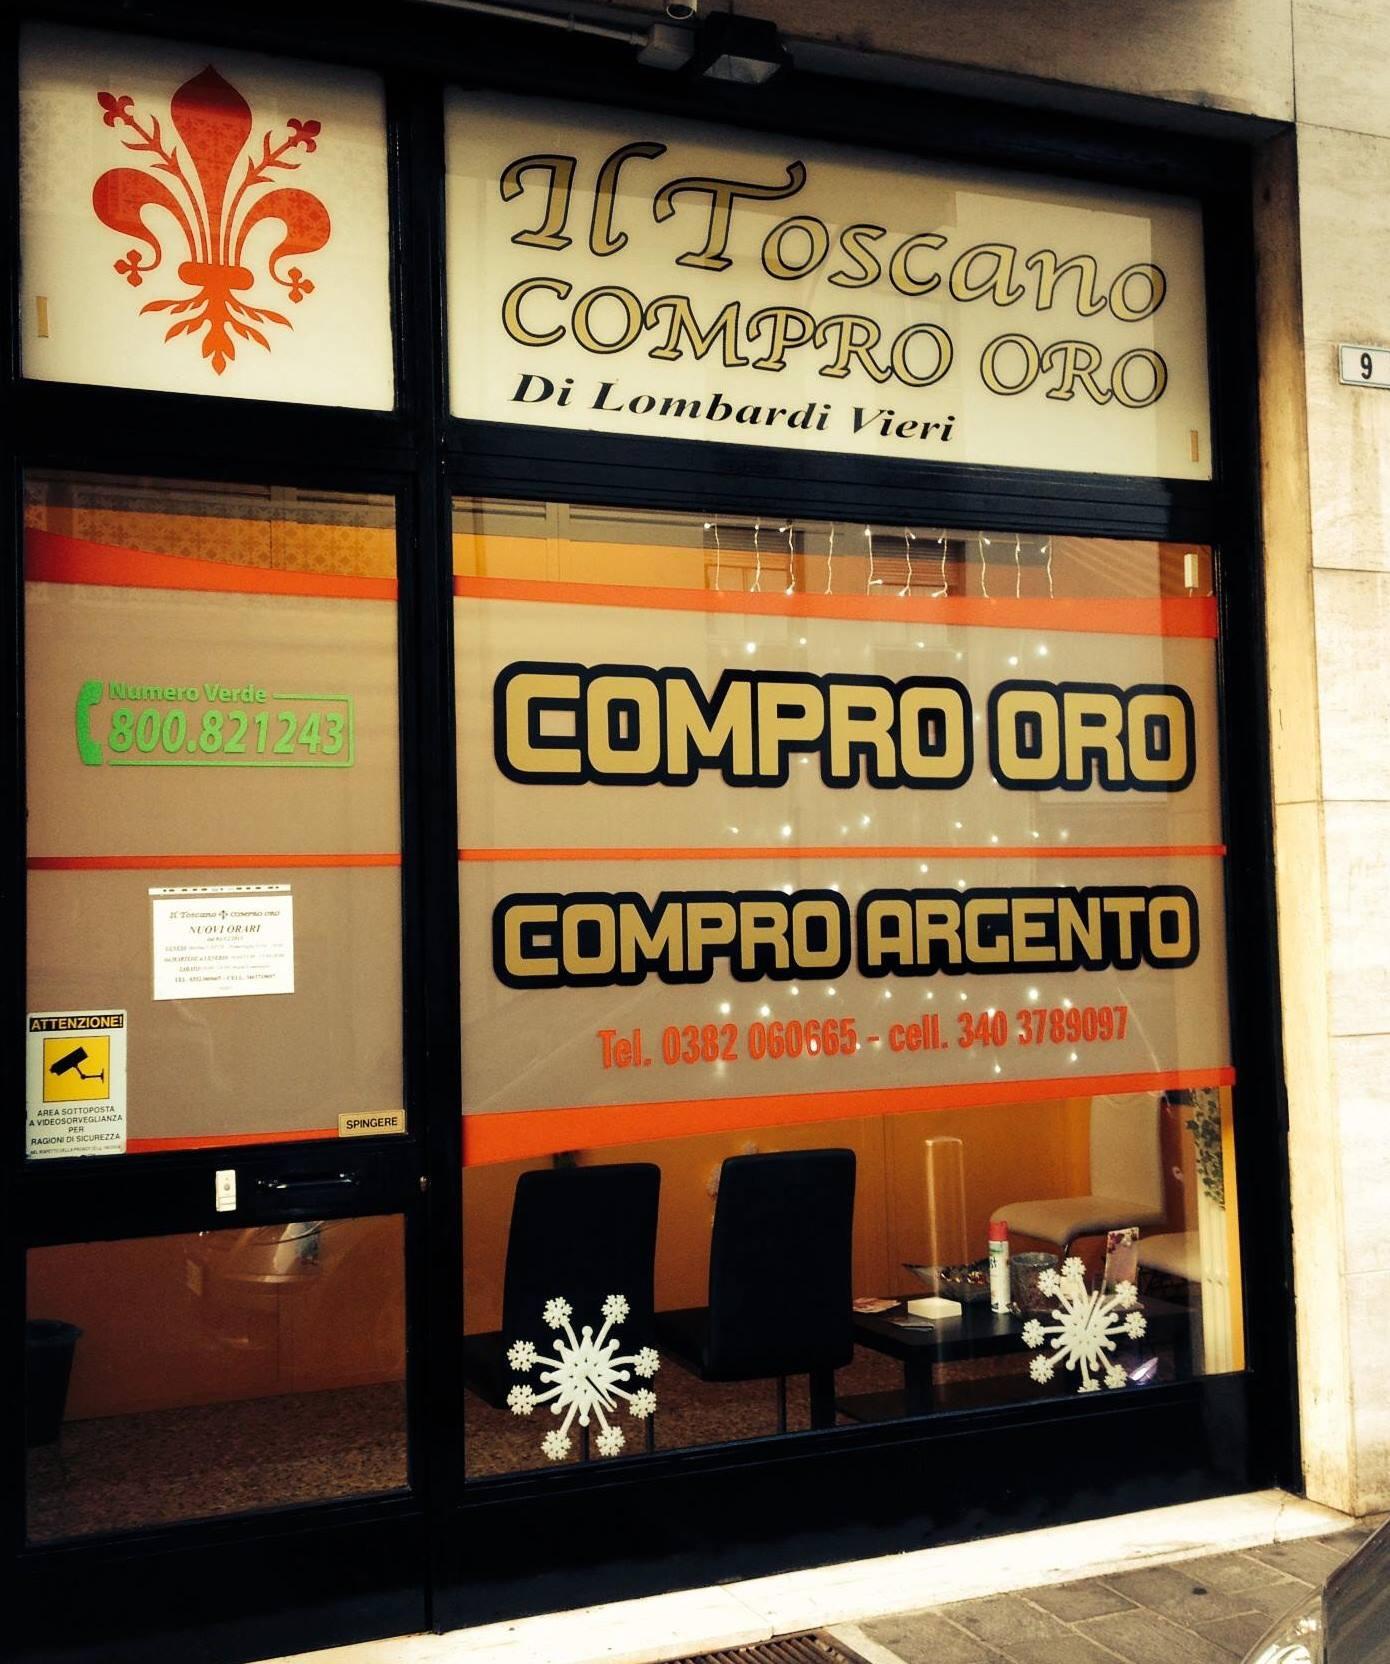 Il Toscano compro oro